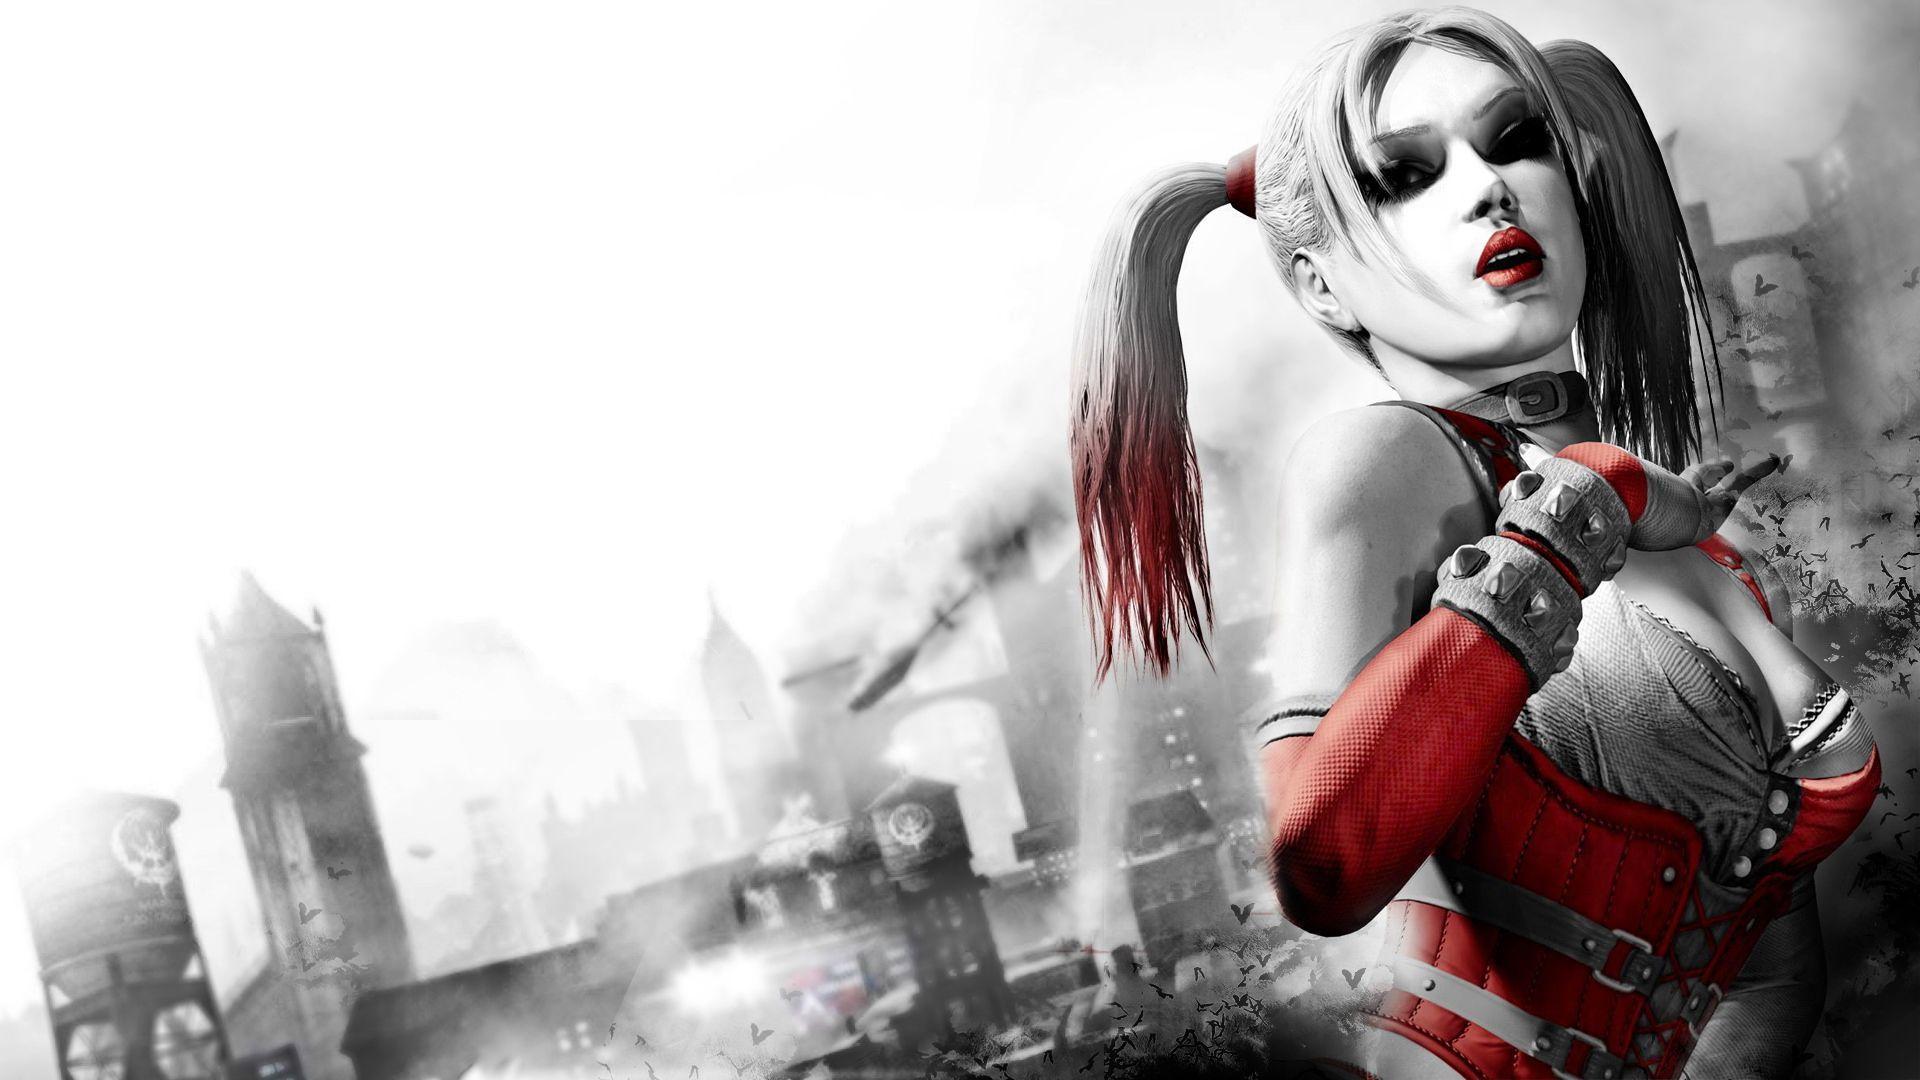 Harley Quinn Wallpaper HD 1080p - WallpaperSafari